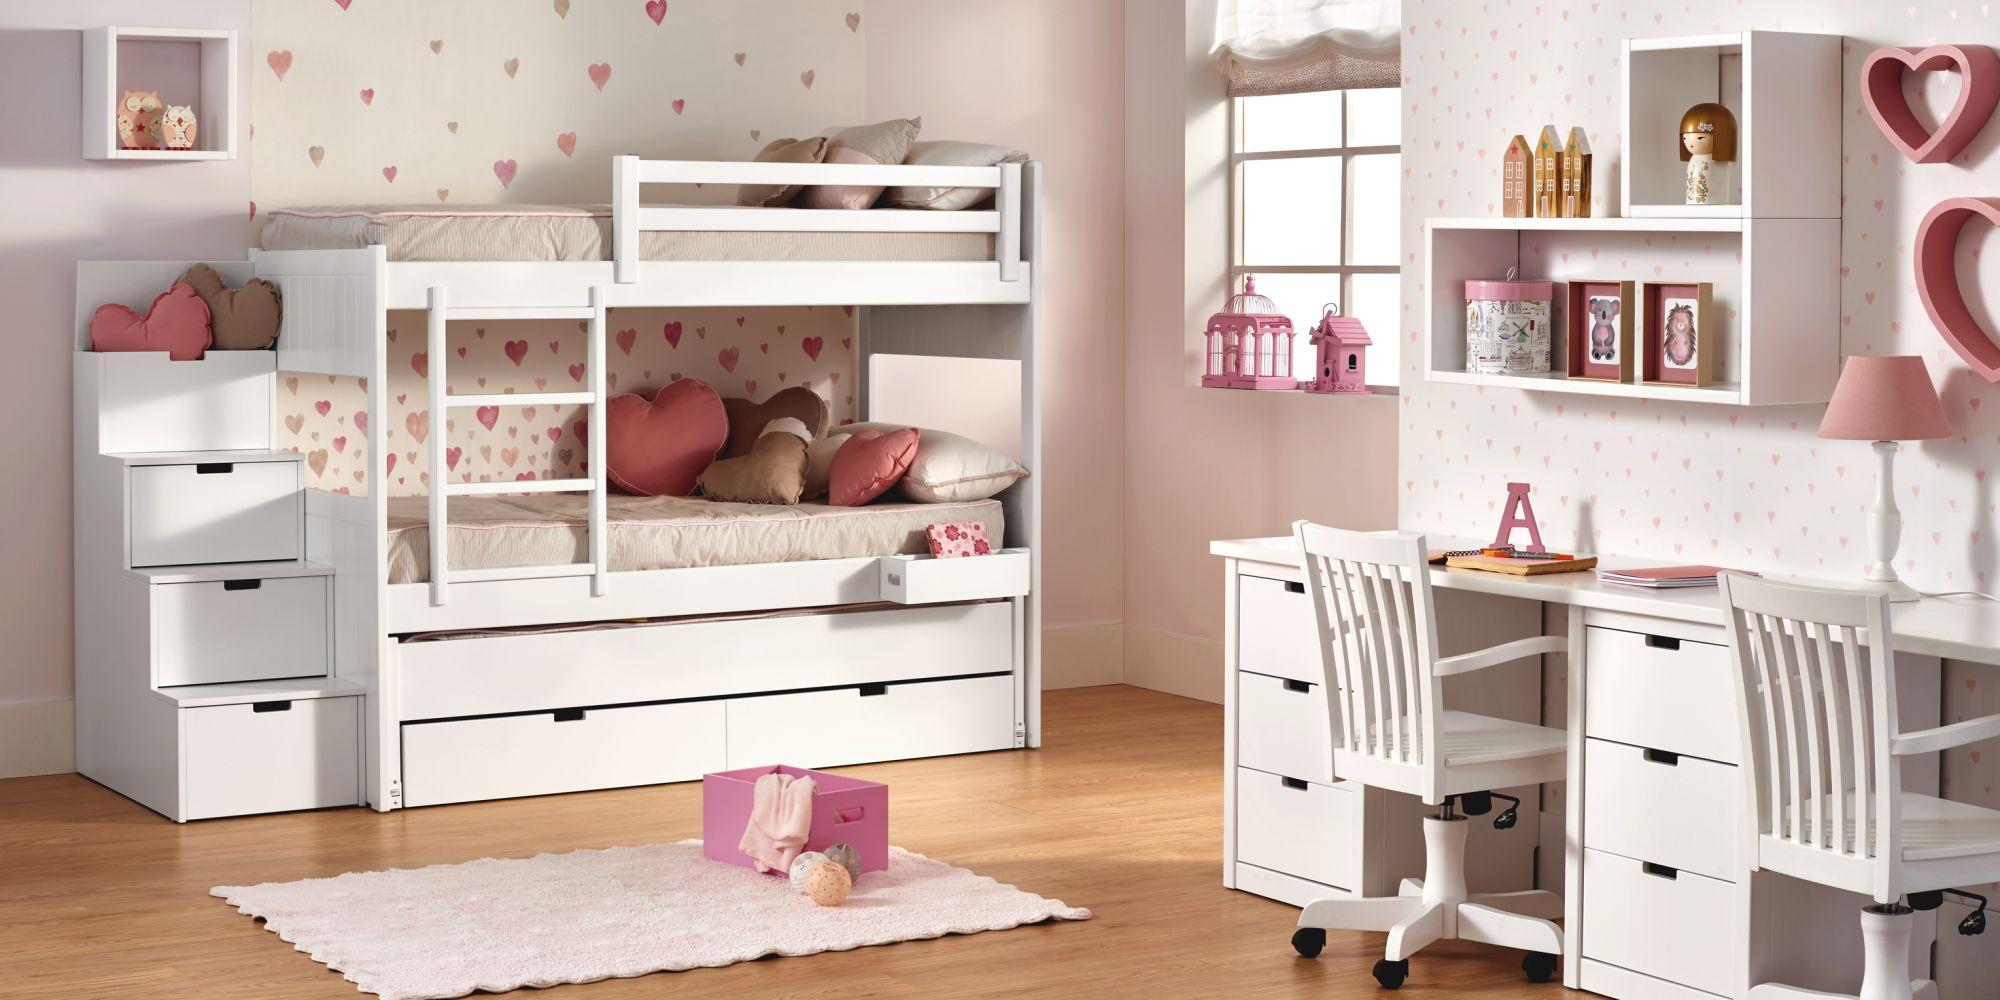 Litera con tres camas, zona de estudio y mueble auxiliar de almacenaje